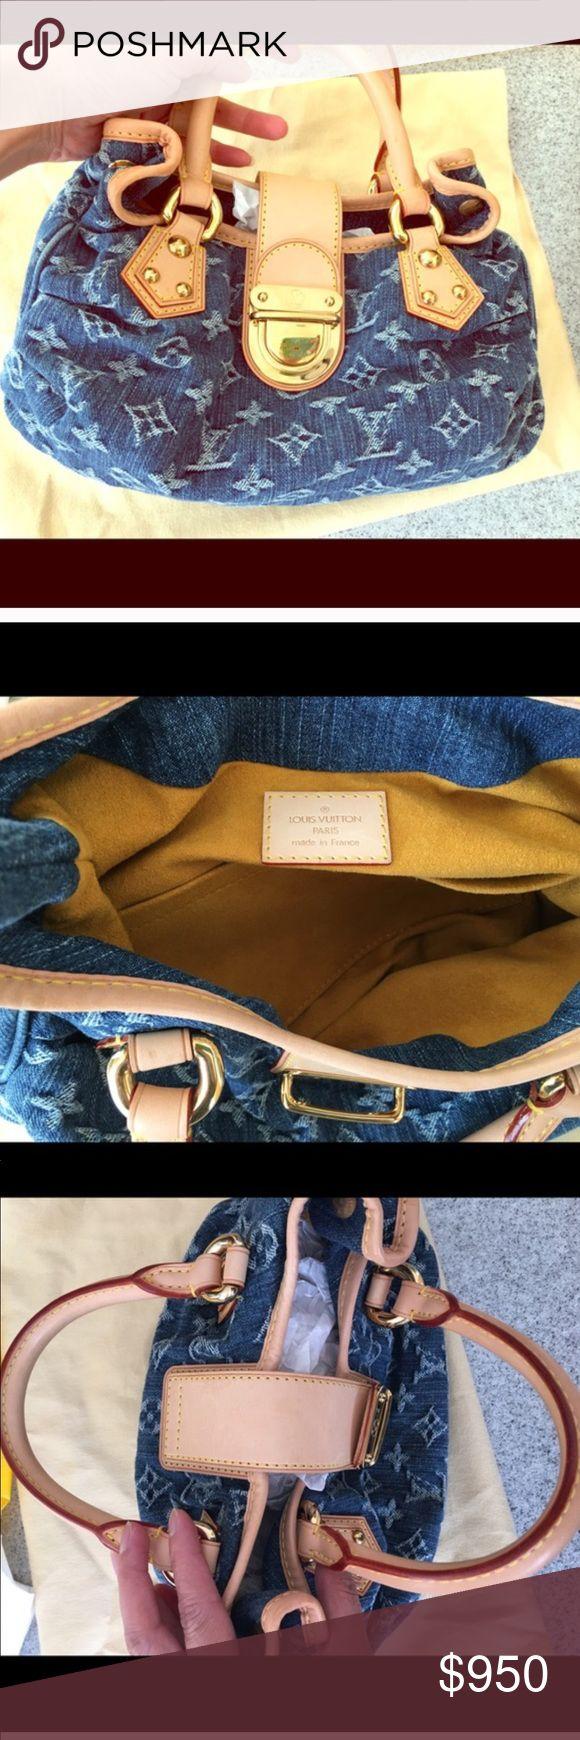 NEW AUTHENTIC Louis Vuitton denim Mini Bag NEW Louis Vuitton blue denim mini bag with tan trim and handles. Please see pictures Louis Vuitton Bags Mini Bags